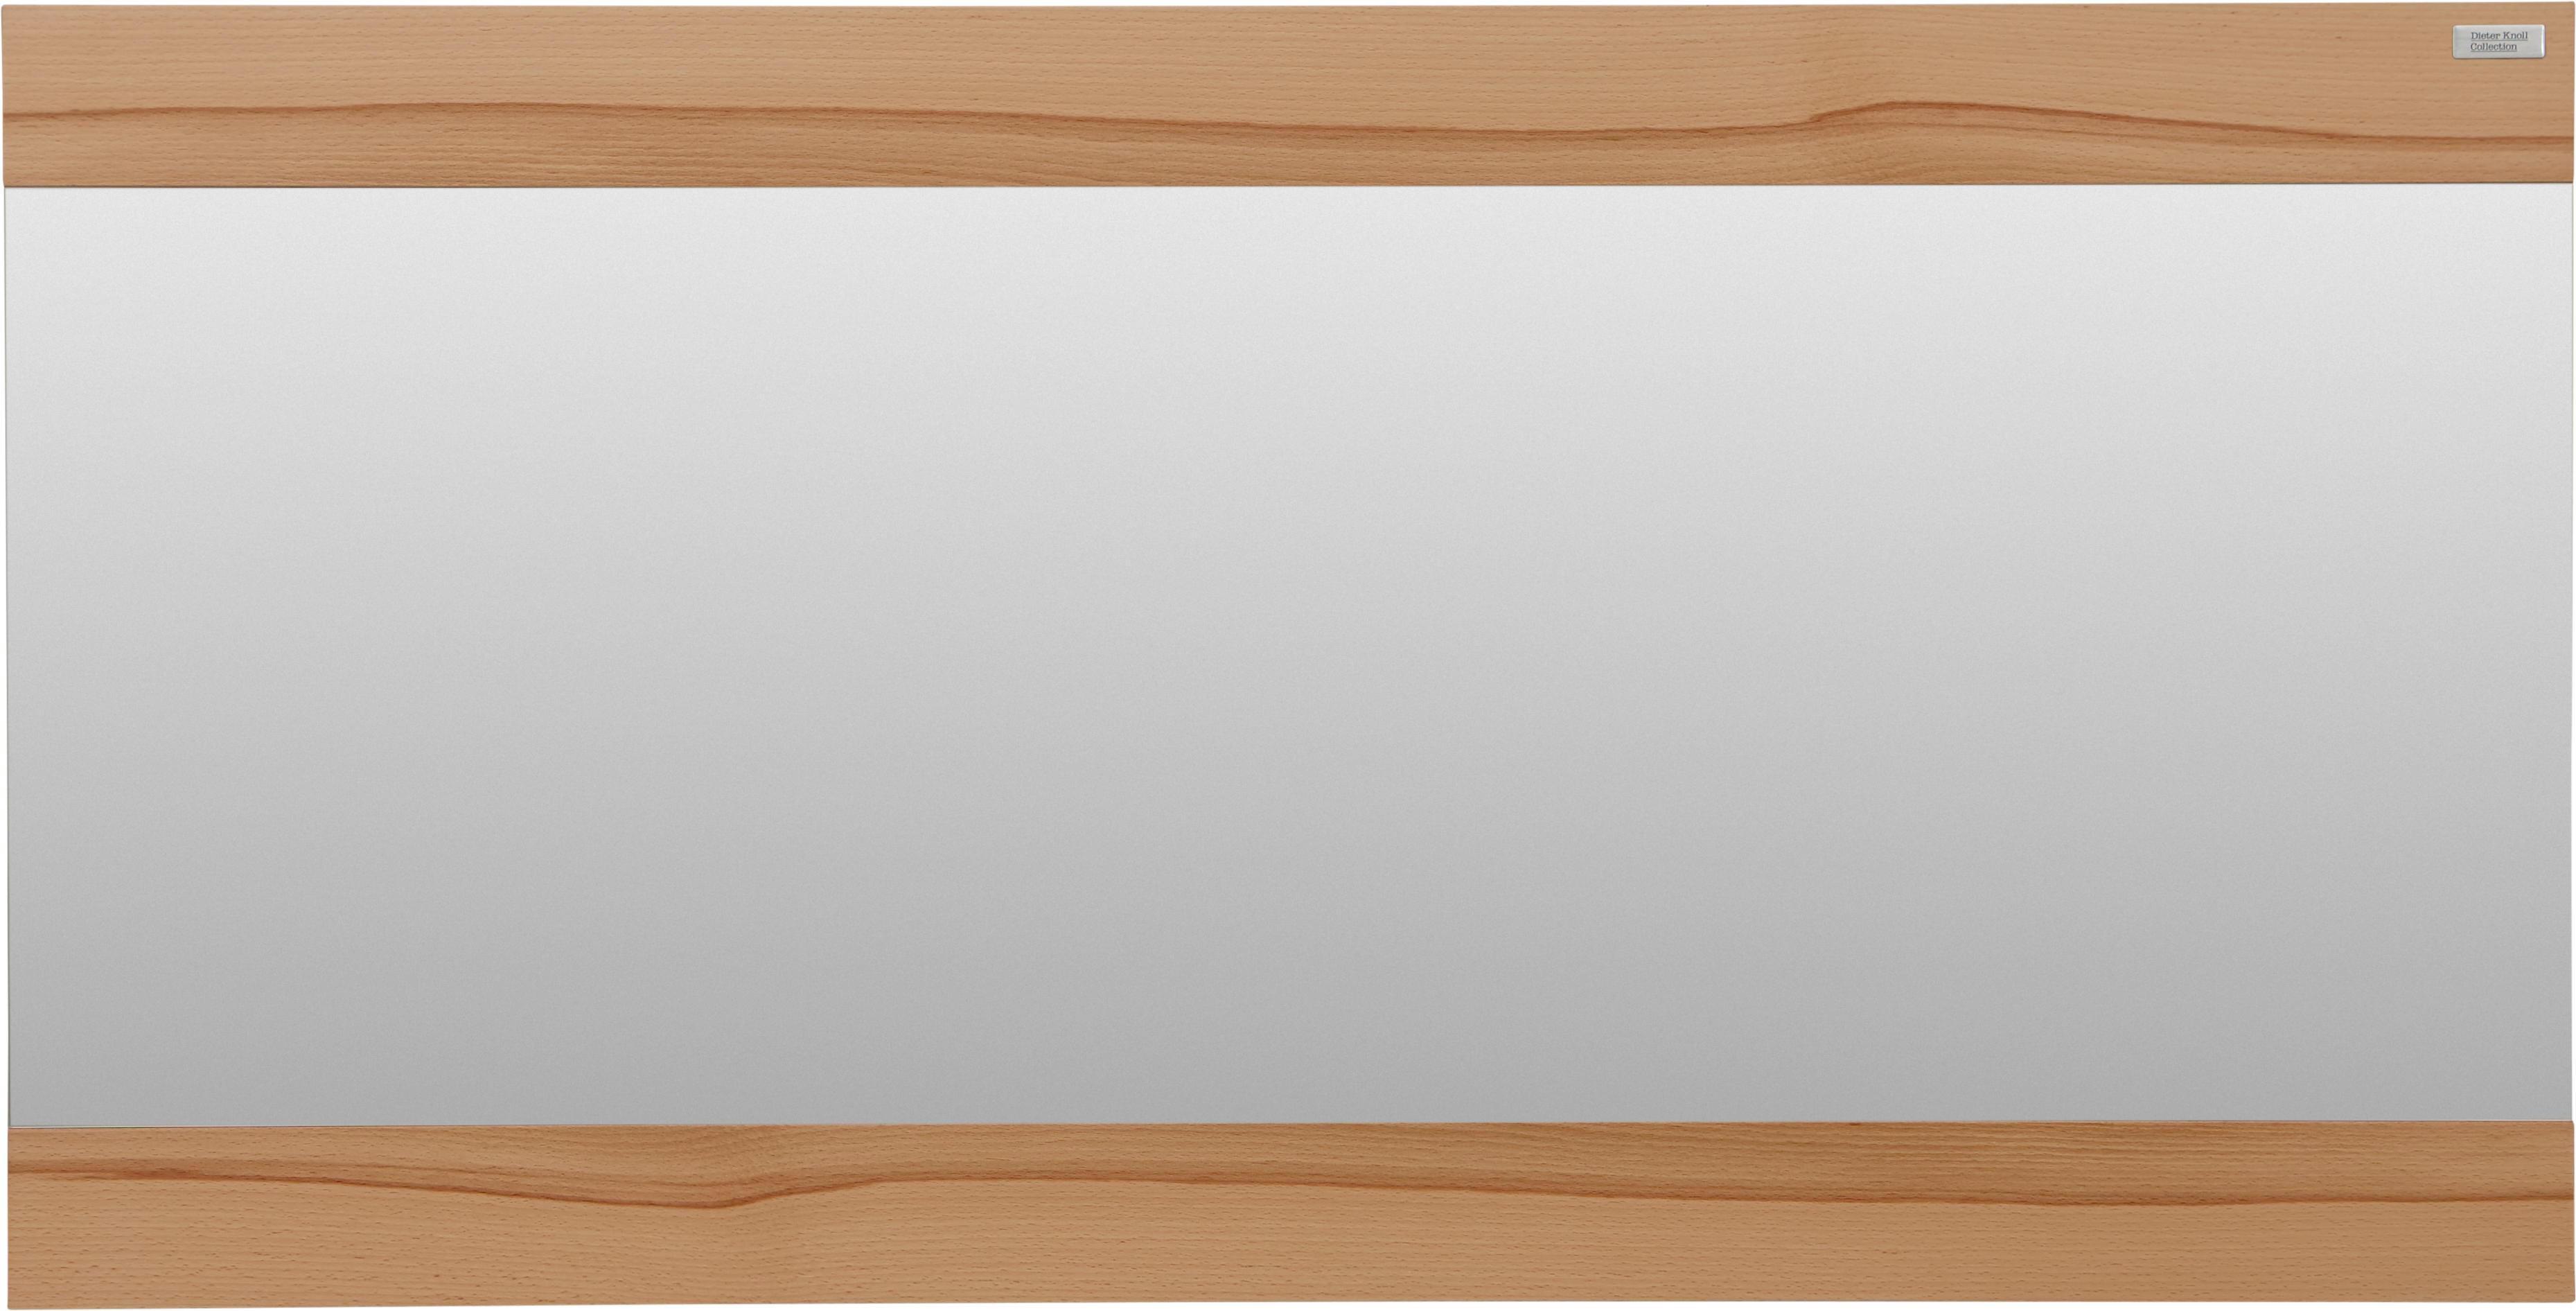 SPIEGEL - Buchefarben, Design, Glas/Holz (118/60/3cm) - DIETER KNOLL